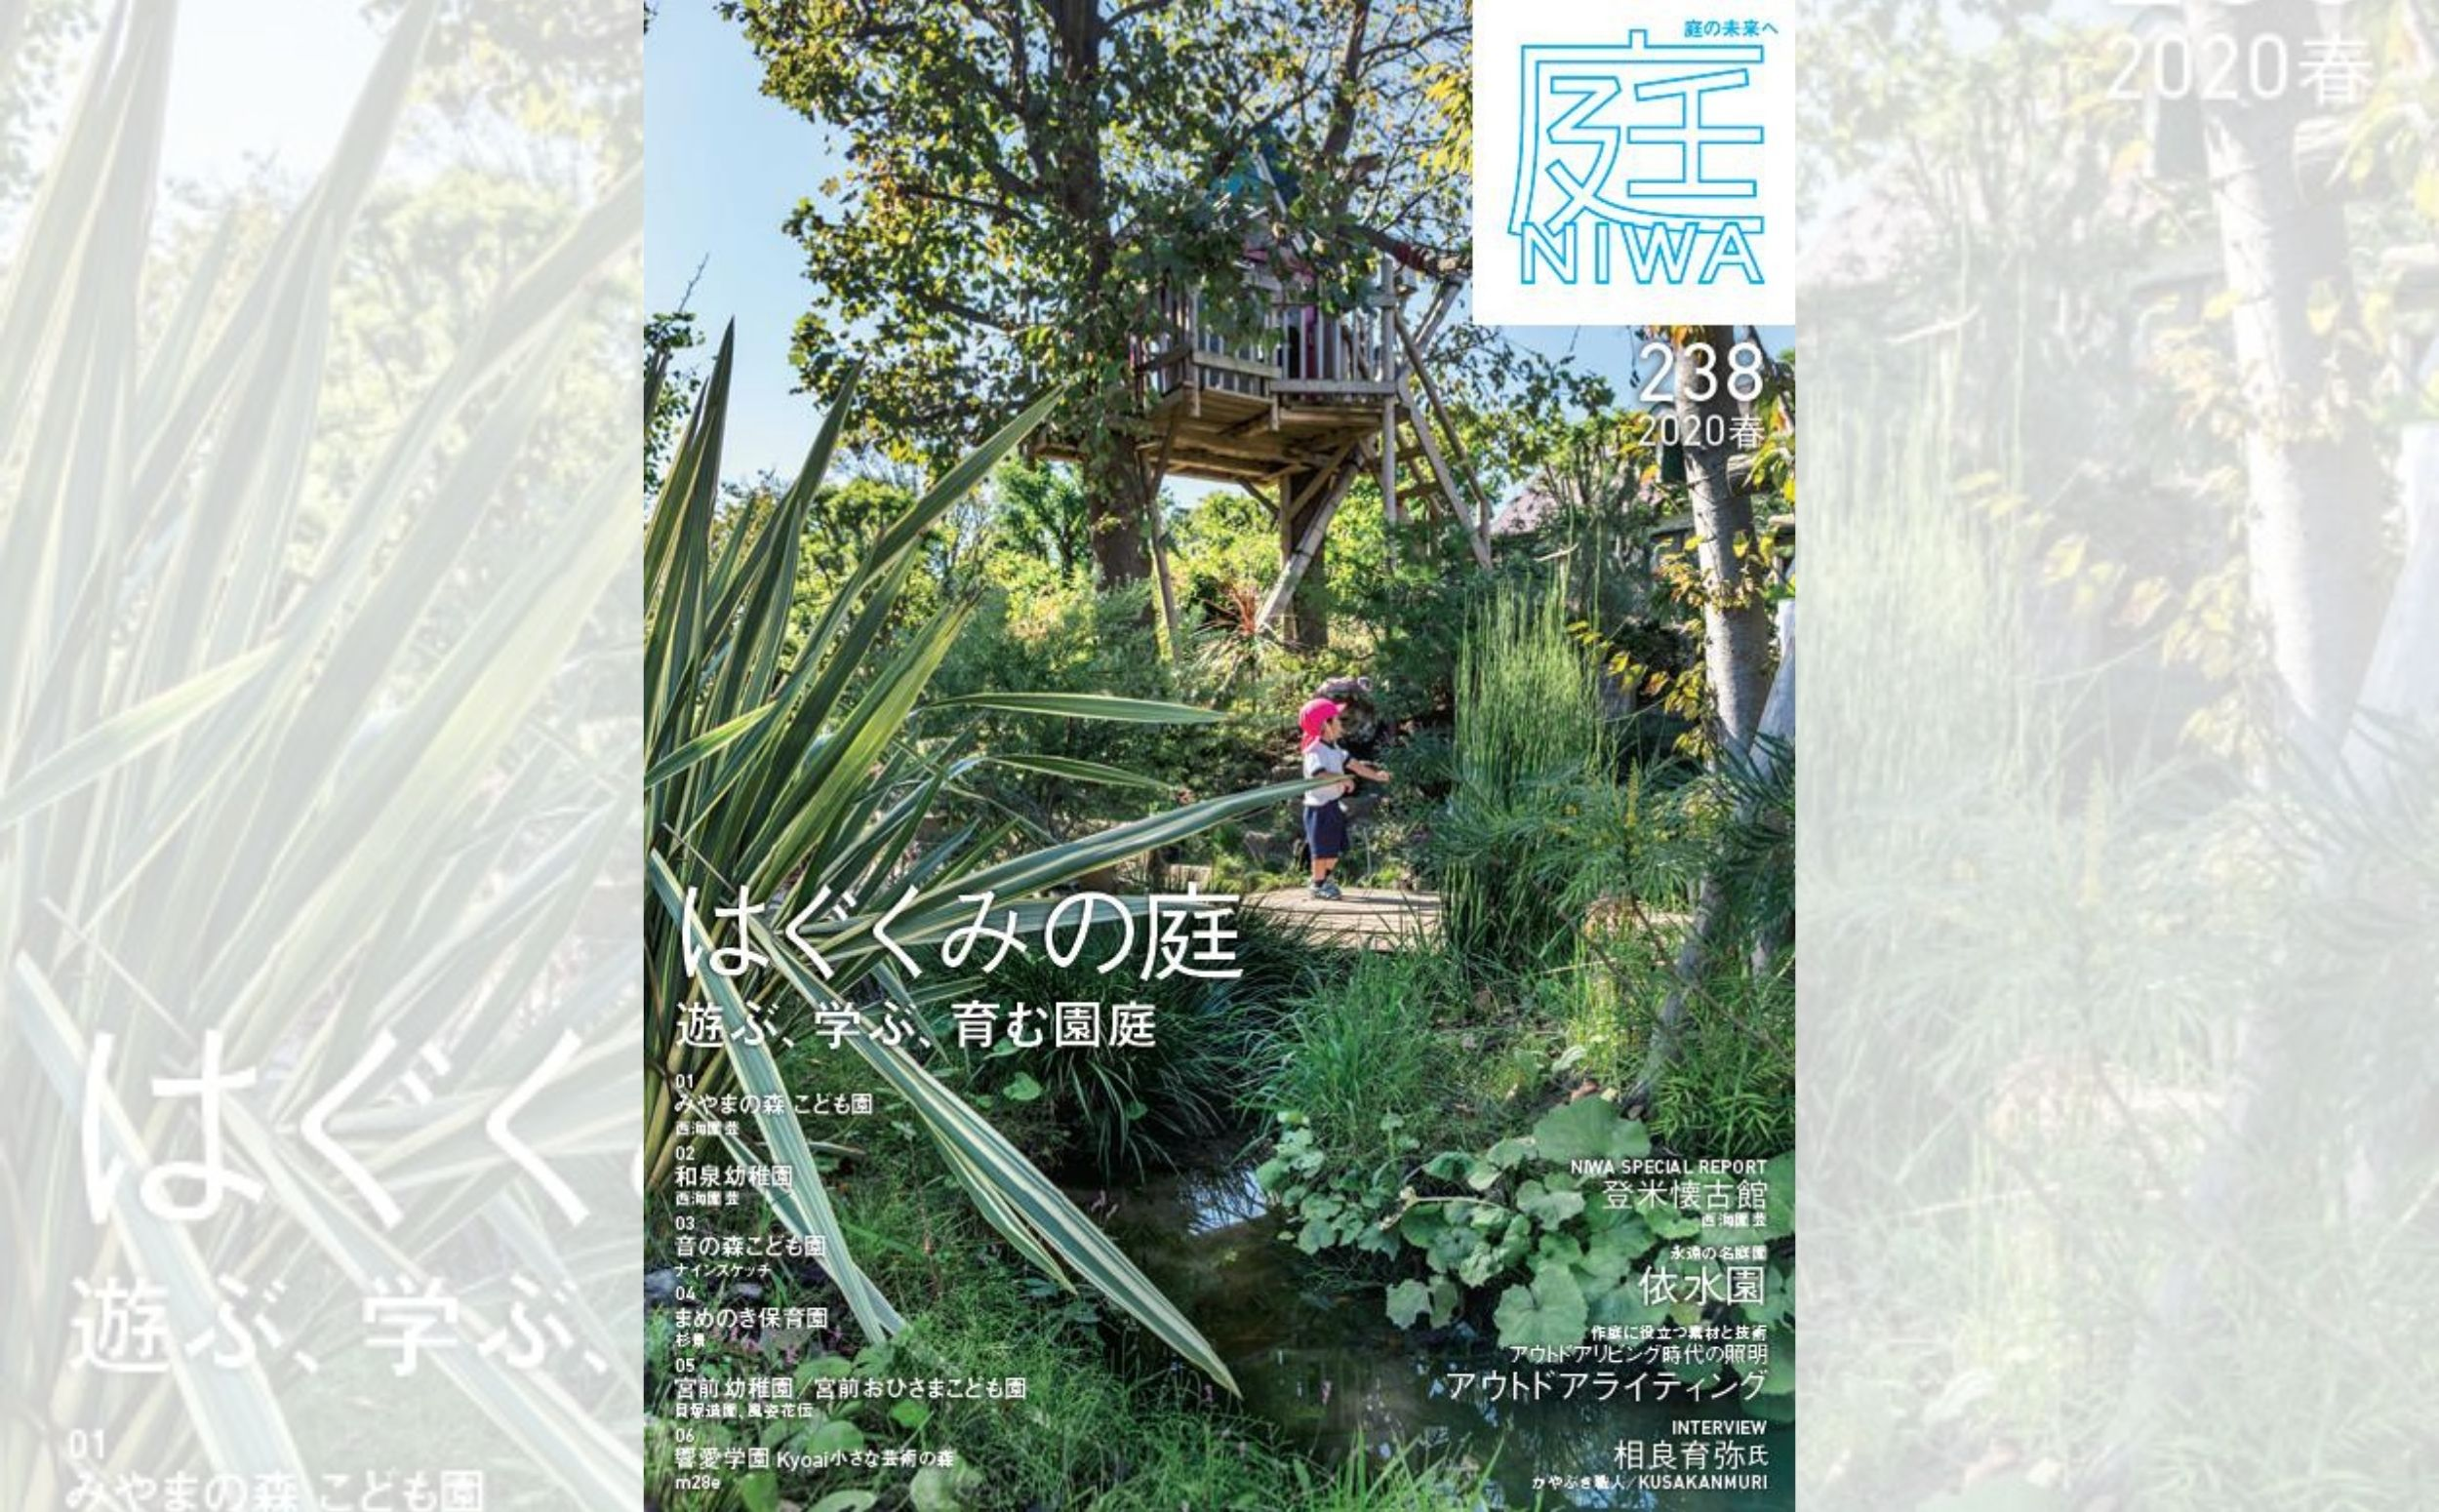 庭NIWA No.238 2020春号「はぐくみの庭 遊ぶ、学ぶ、育む園庭」